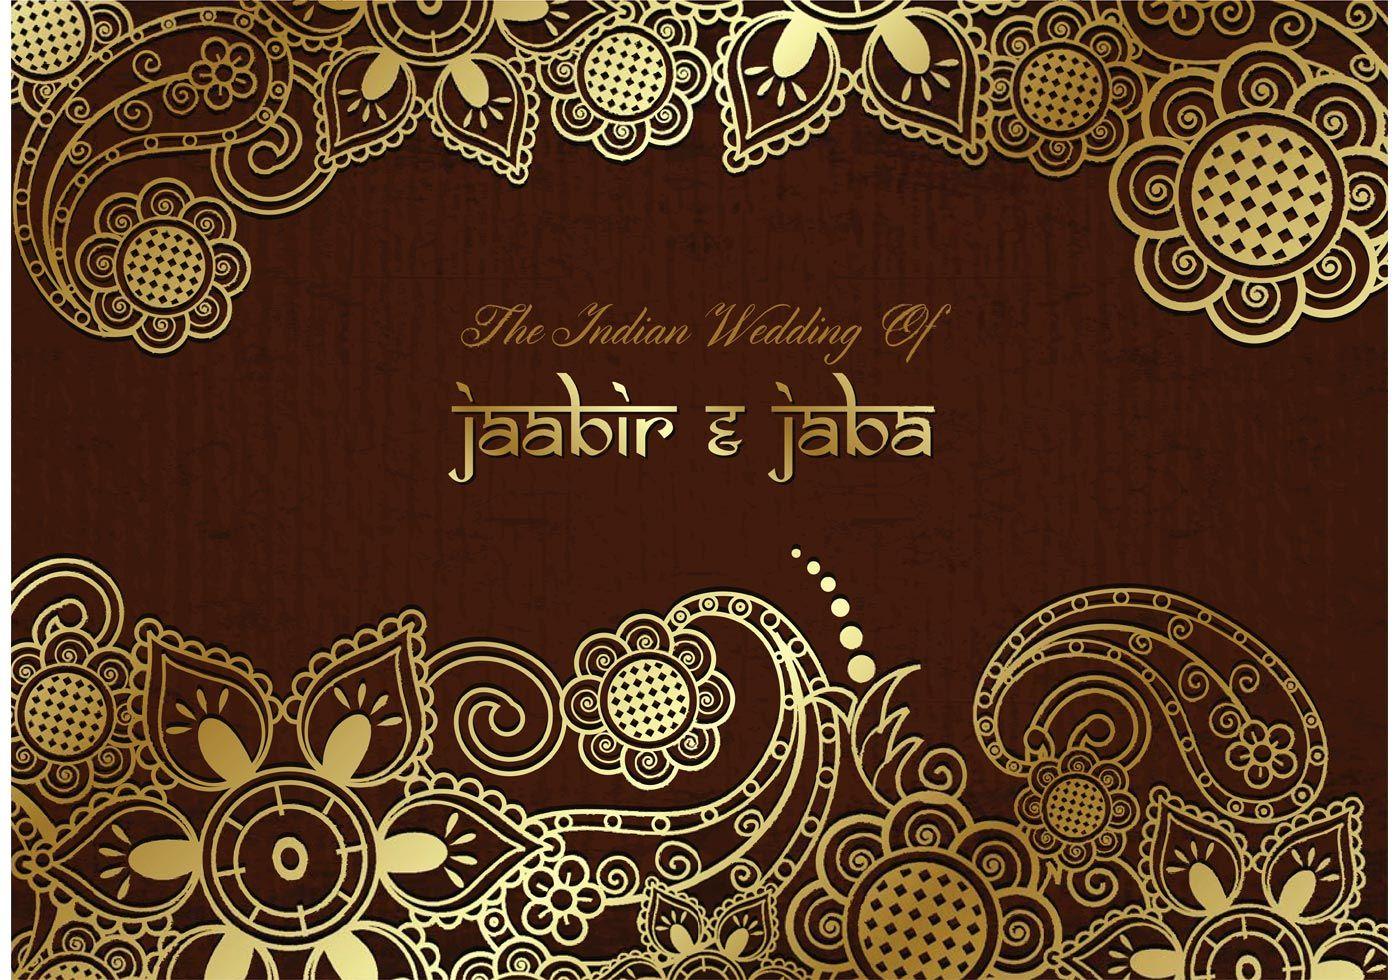 Free Vector Golden Indian Wedding Card | Clip art | Pinterest ...